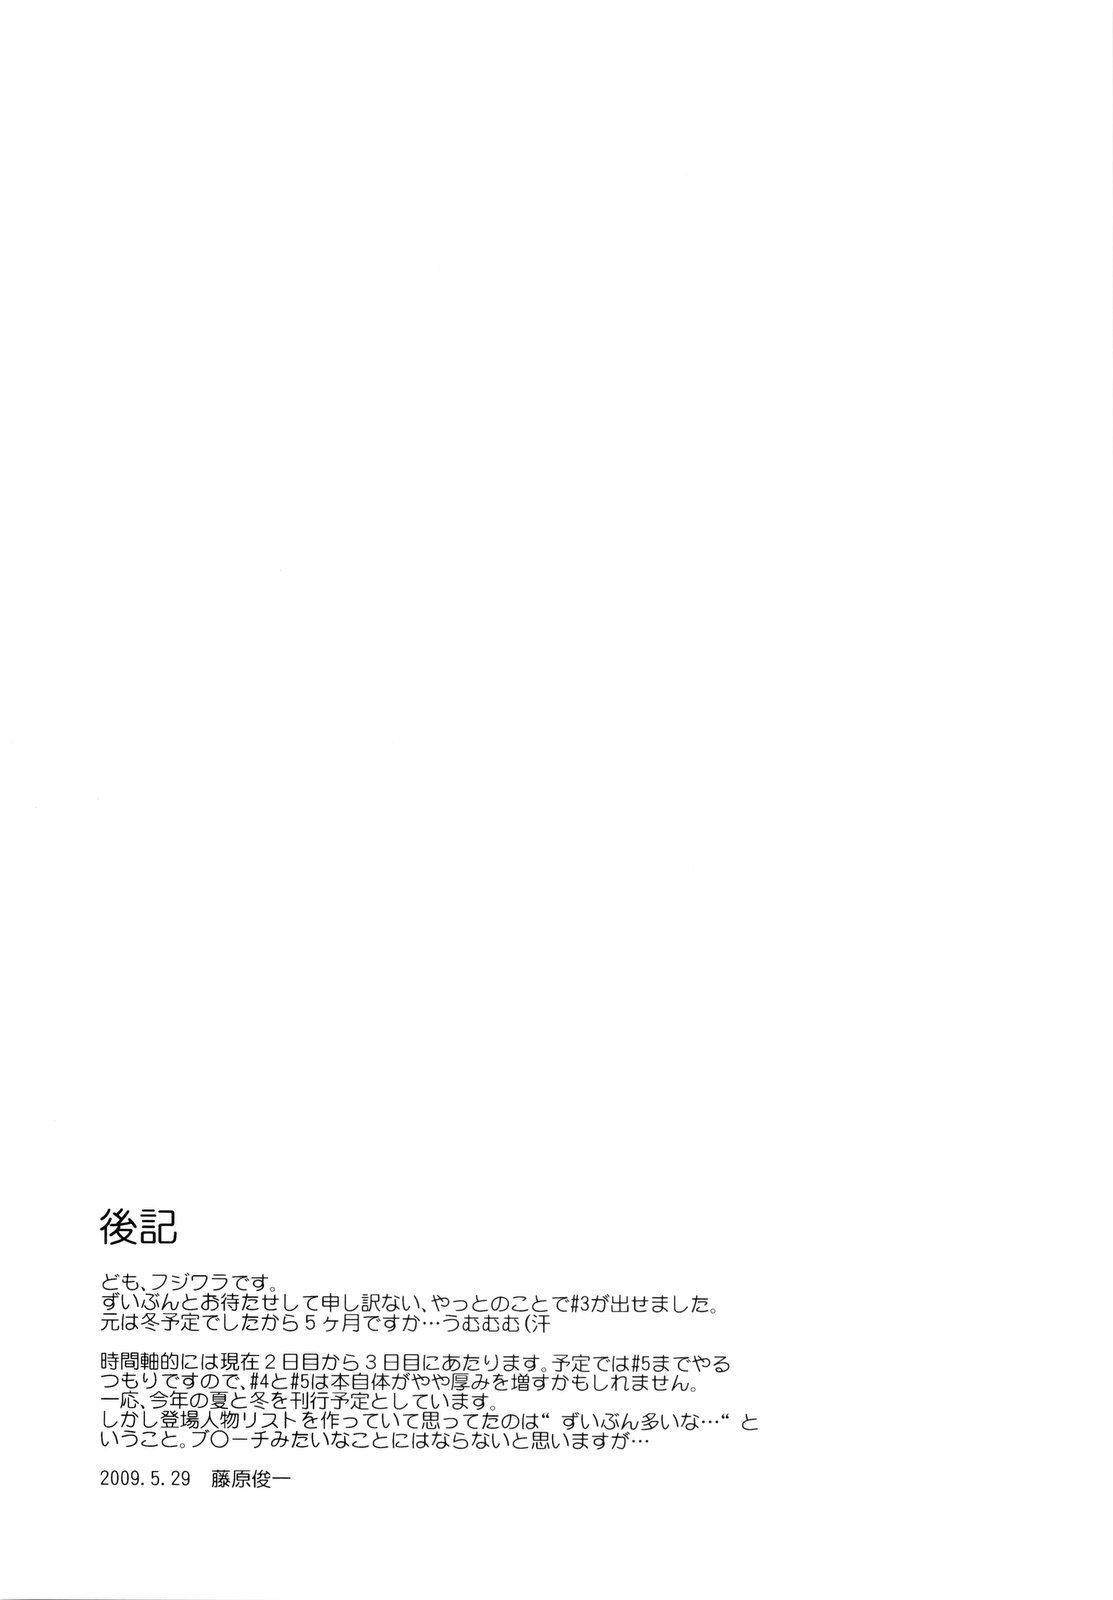 (ComiComi13) [Paranoia Cat (Fujiwara Shunichi)] Akogare no Hito -Himitsu no Isshuukan- #3 46